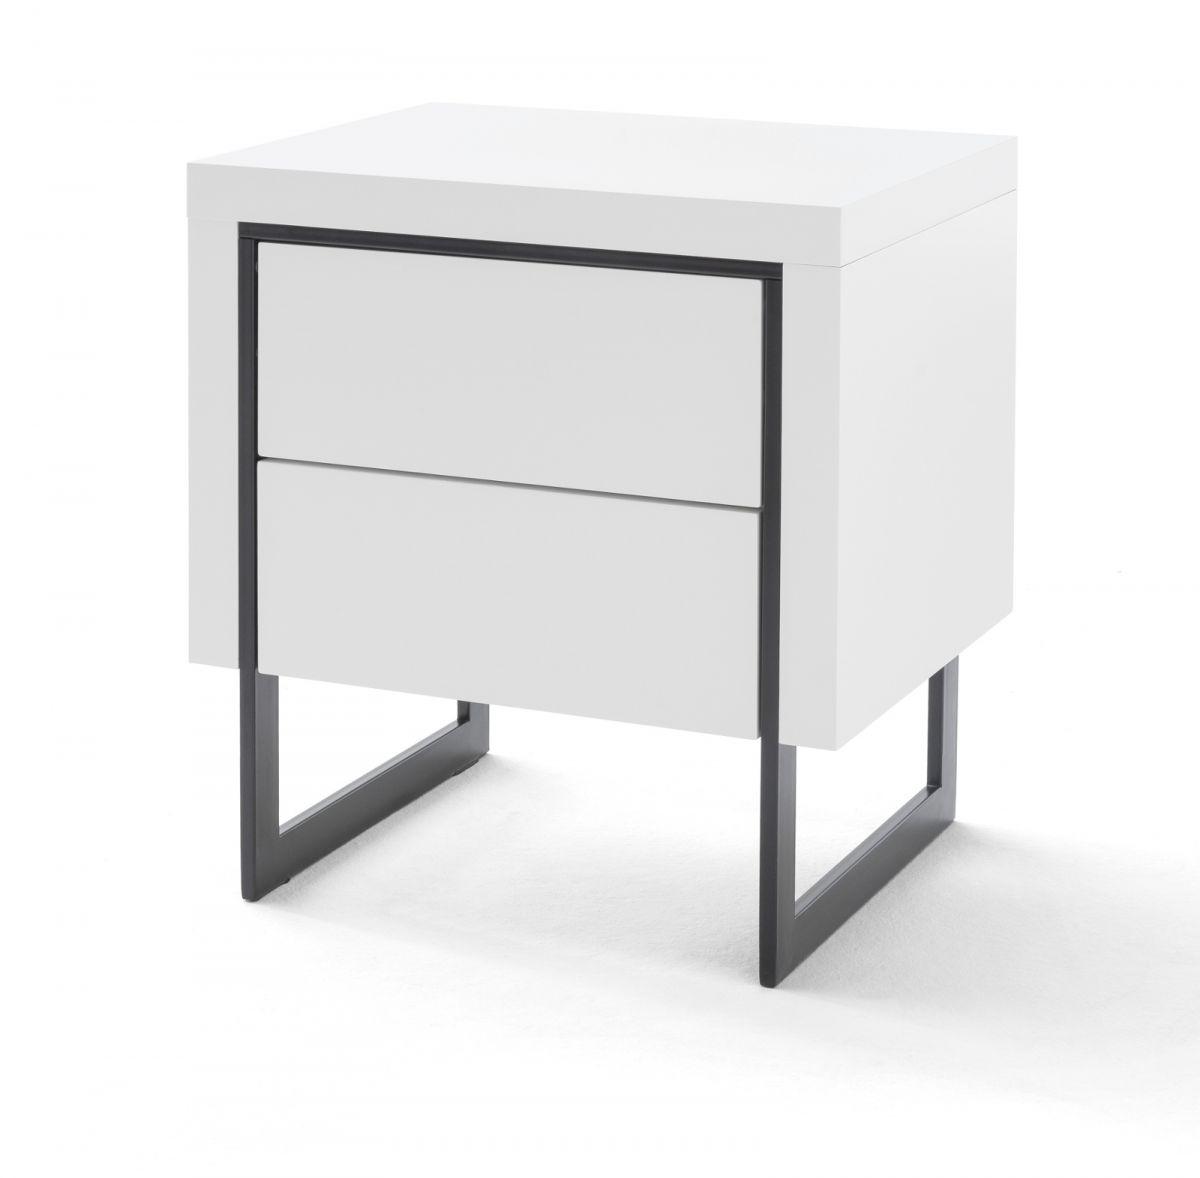 Nachttisch Cooper weiss Hochglanz lackiert - schwarz 50 cm